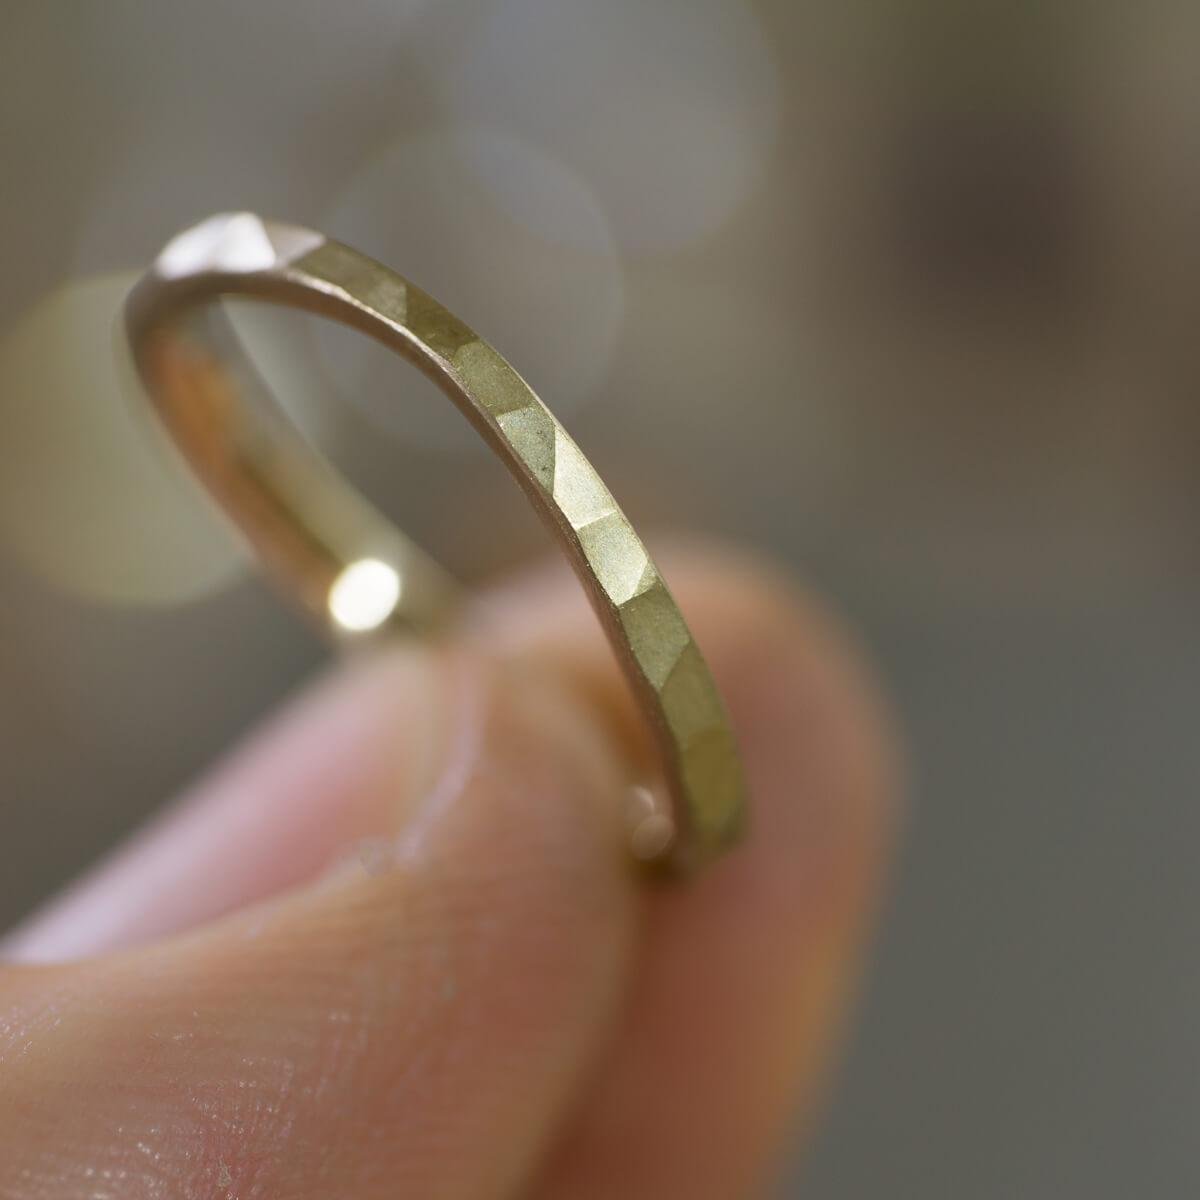 手に持って オーダーメイドマリッジリング ジュエリーのアトリエ シャンパンゴールド 屋久島でつくる結婚指輪